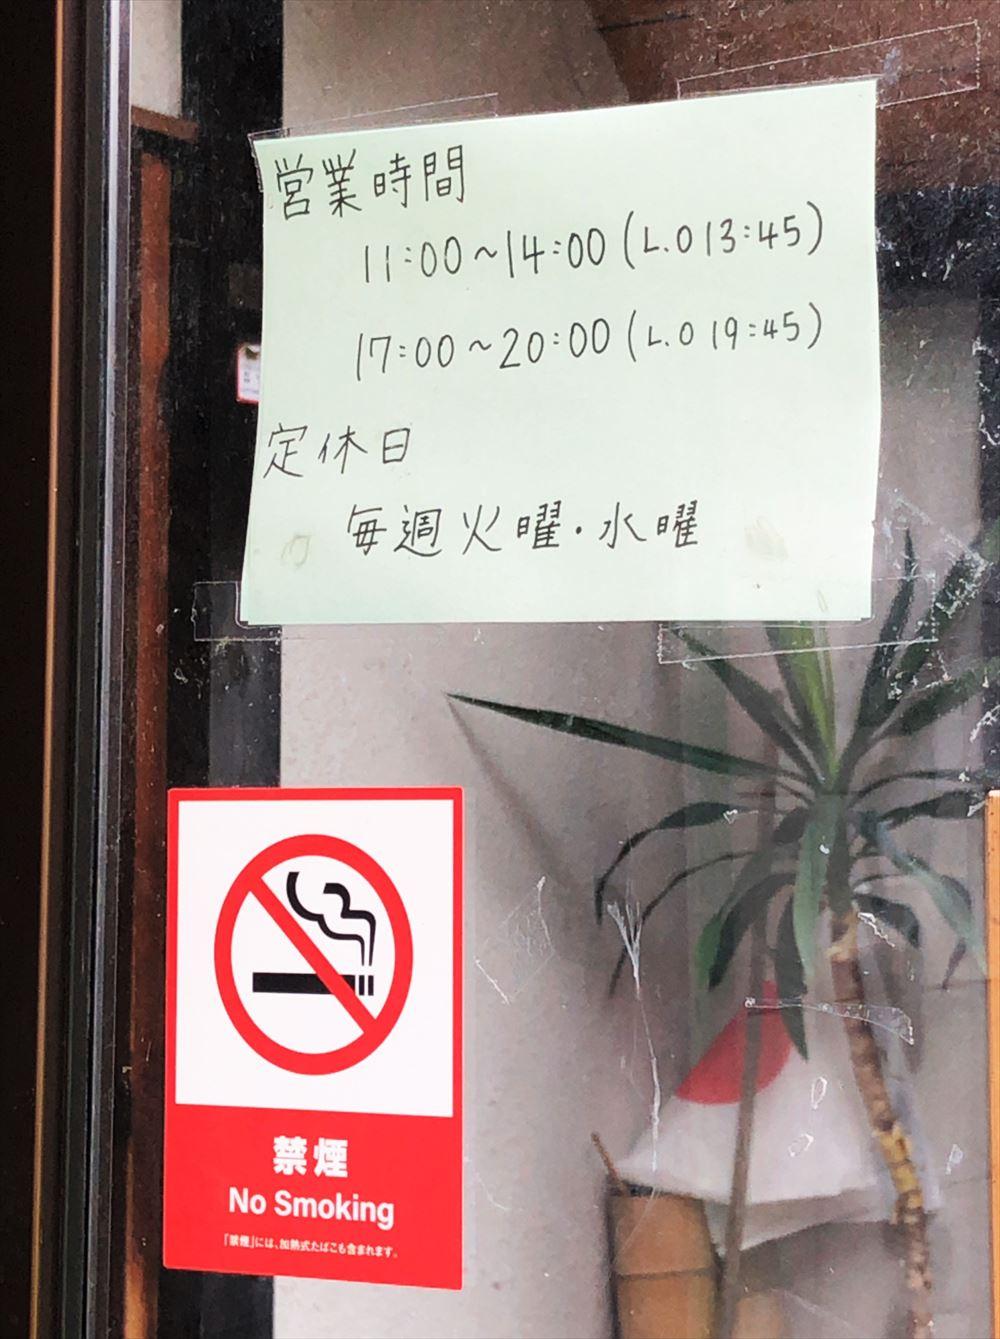 ちゅうか 掛川飯店の営業時間